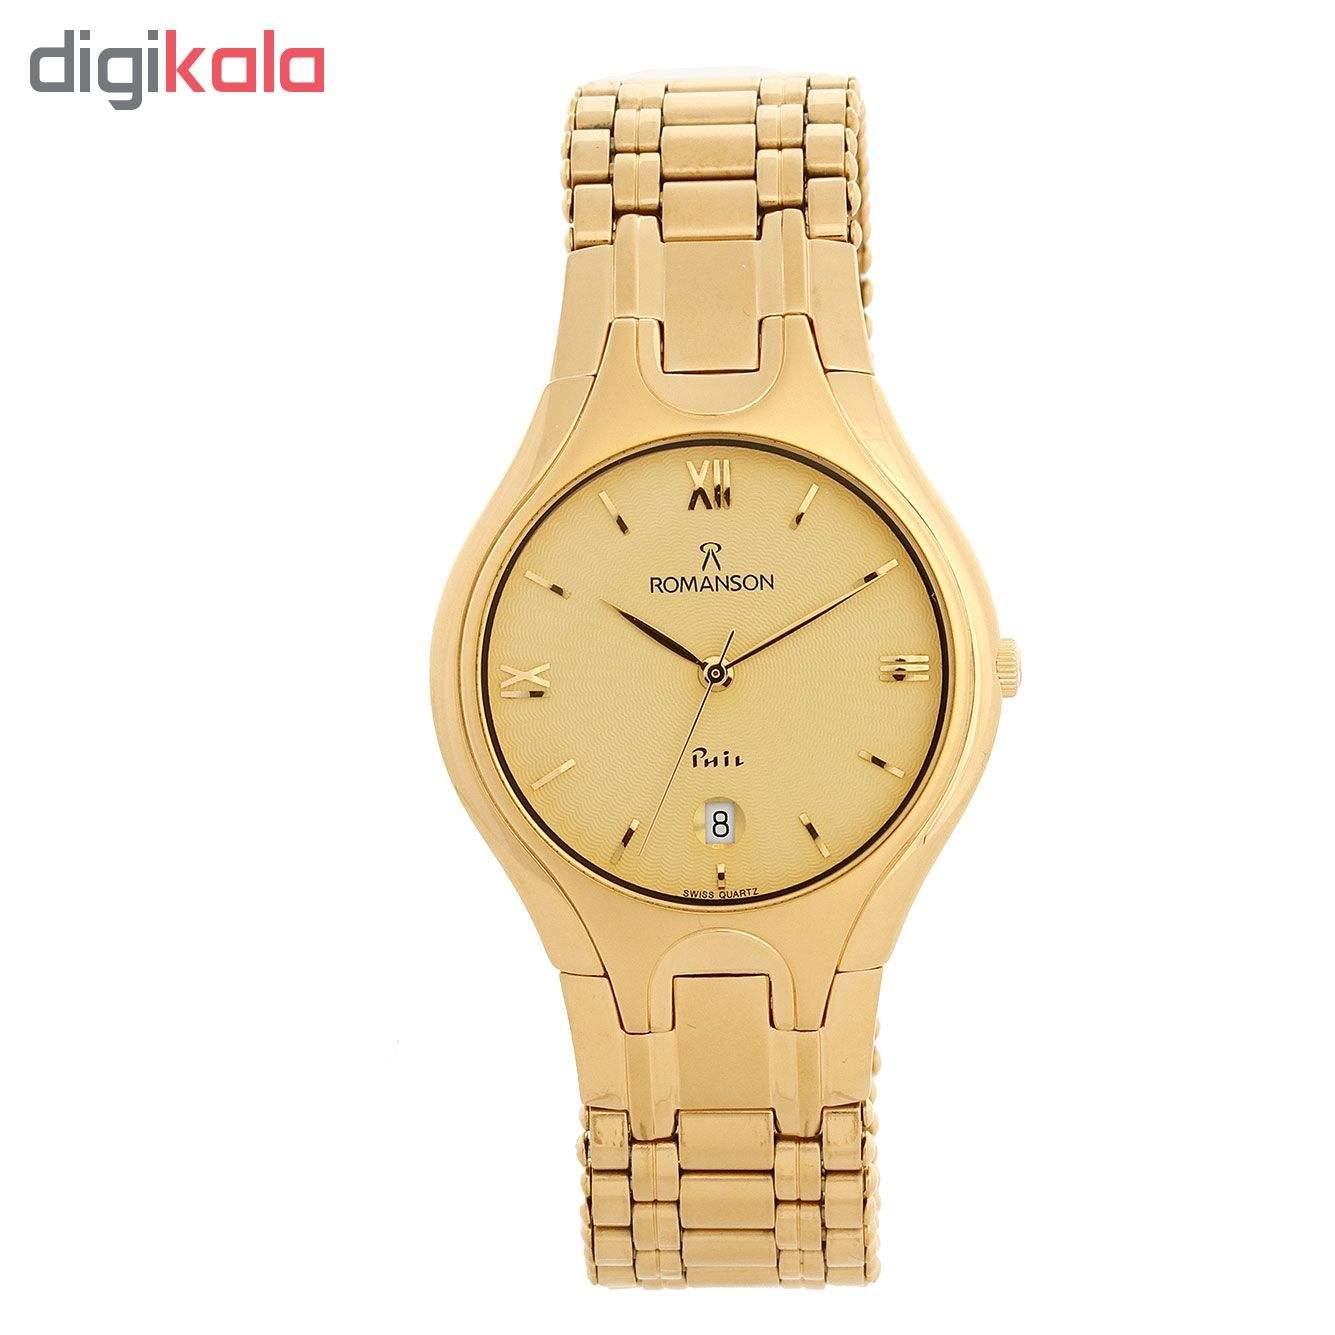 ساعت مچی عقربه ای مردانه رومانسون مدل NM4507MM1GA81G